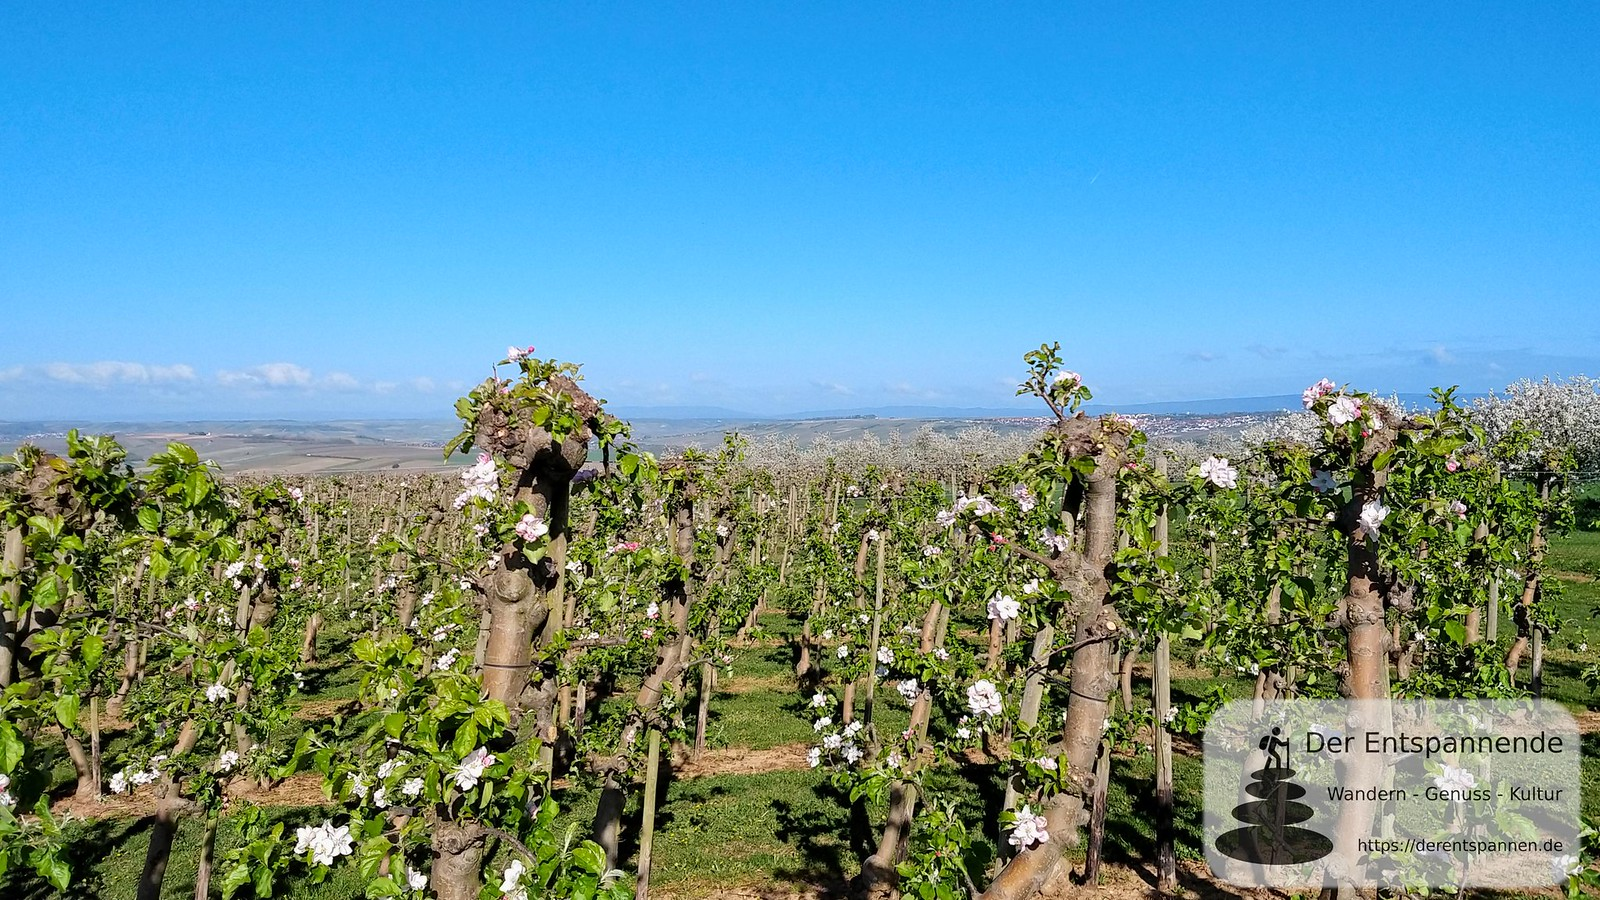 Blick über Obstplantage bei Zornheim